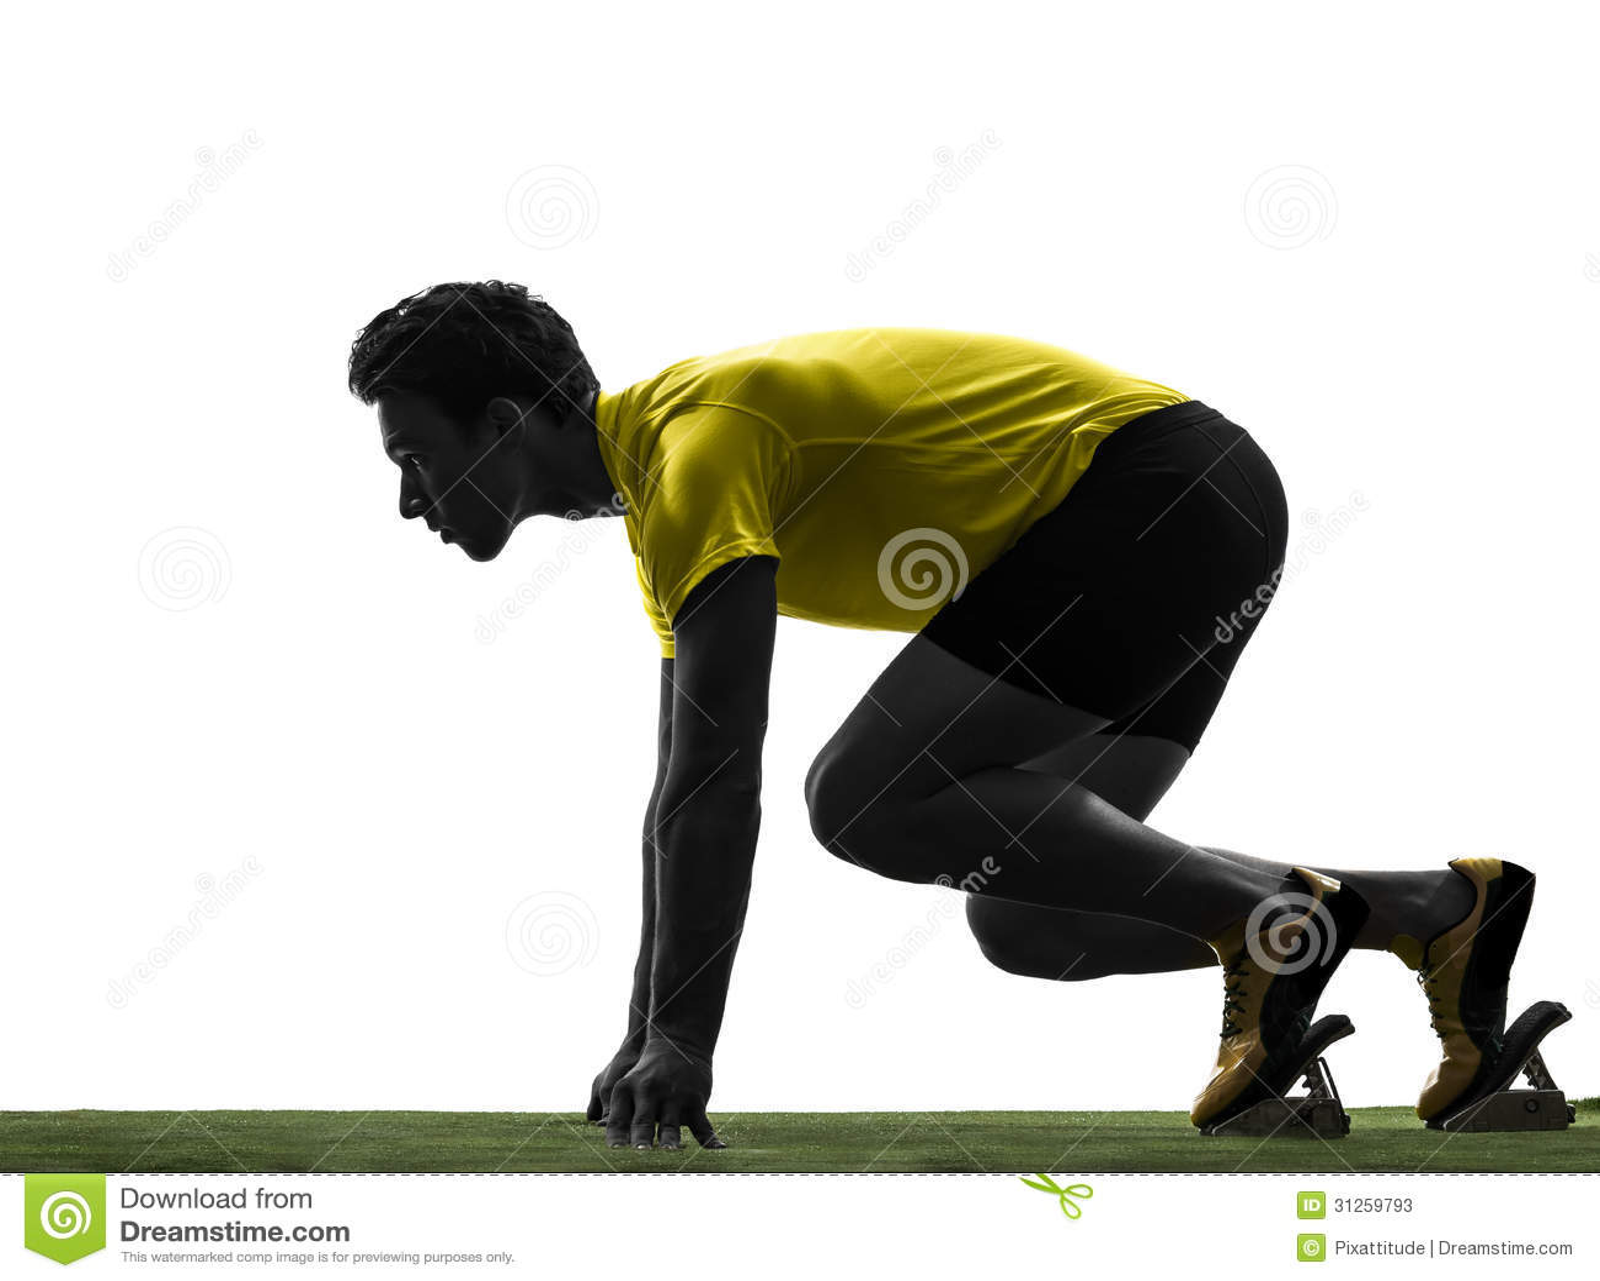 Corridore dello sprinter del giovane nella siluetta dei blocchetti iniziare